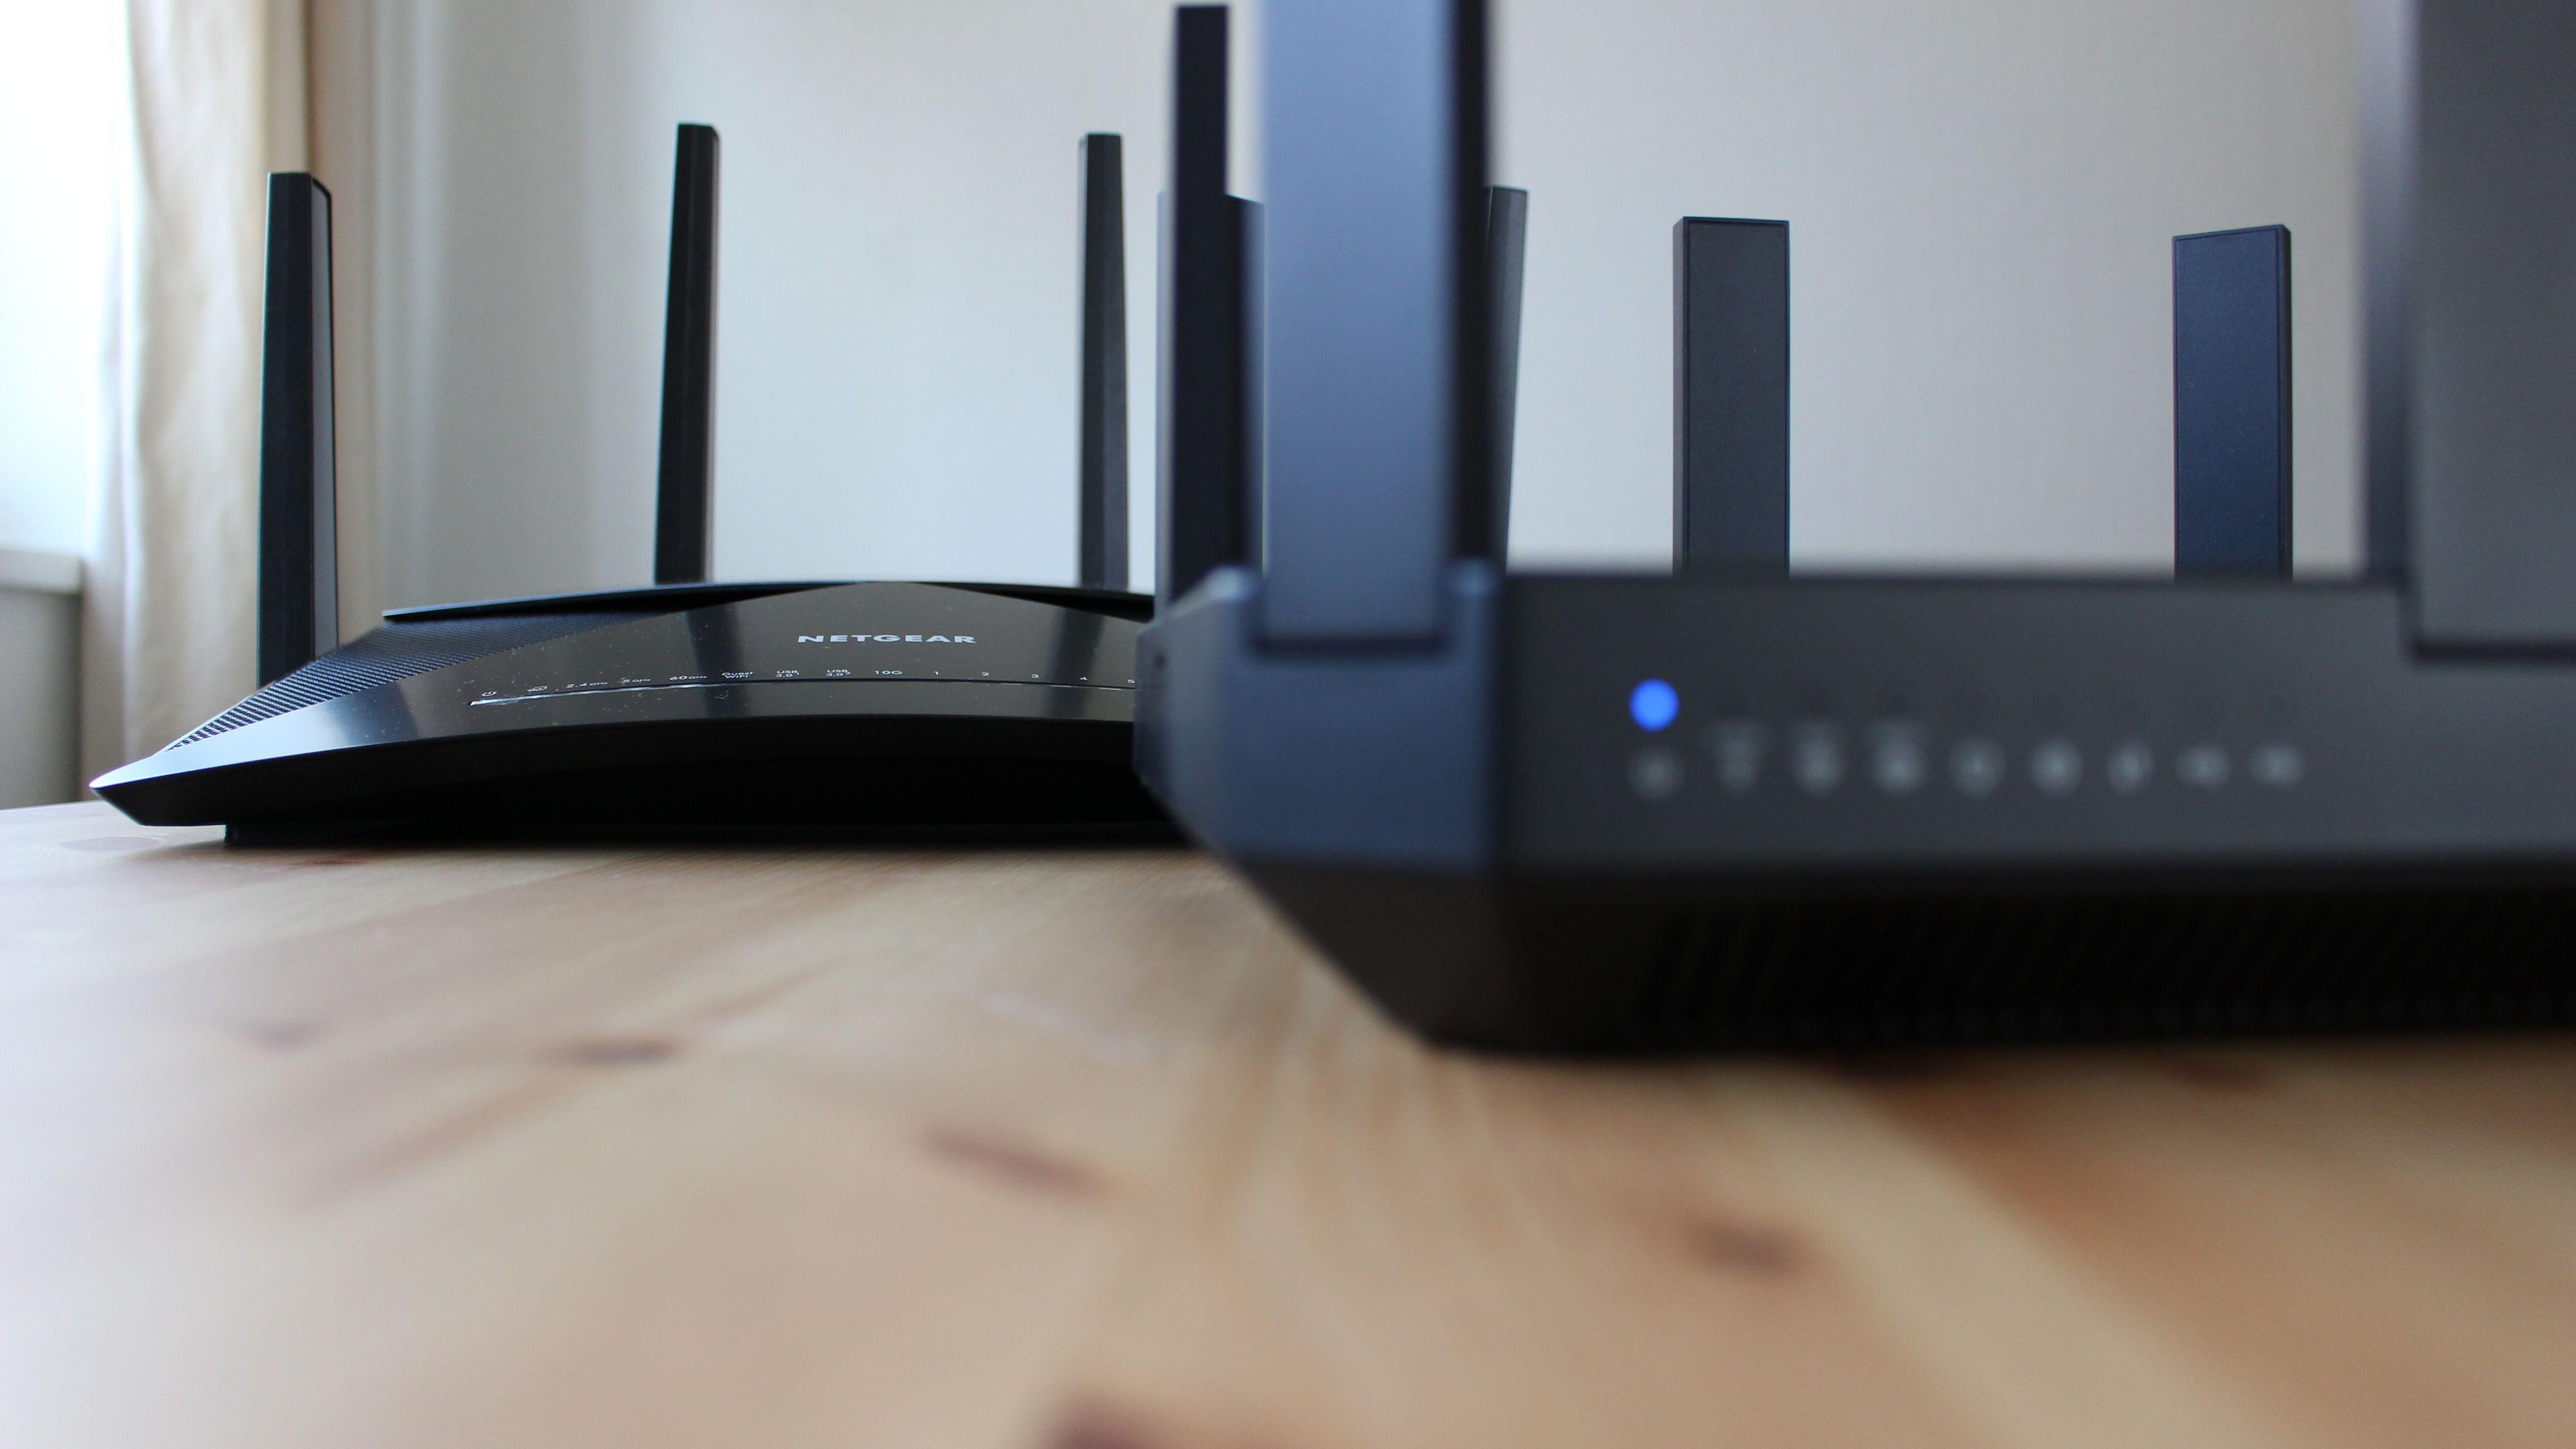 Nå kommer ny super-Wi-Fi: Skal gi 10 Gbit/sek over 300 meter